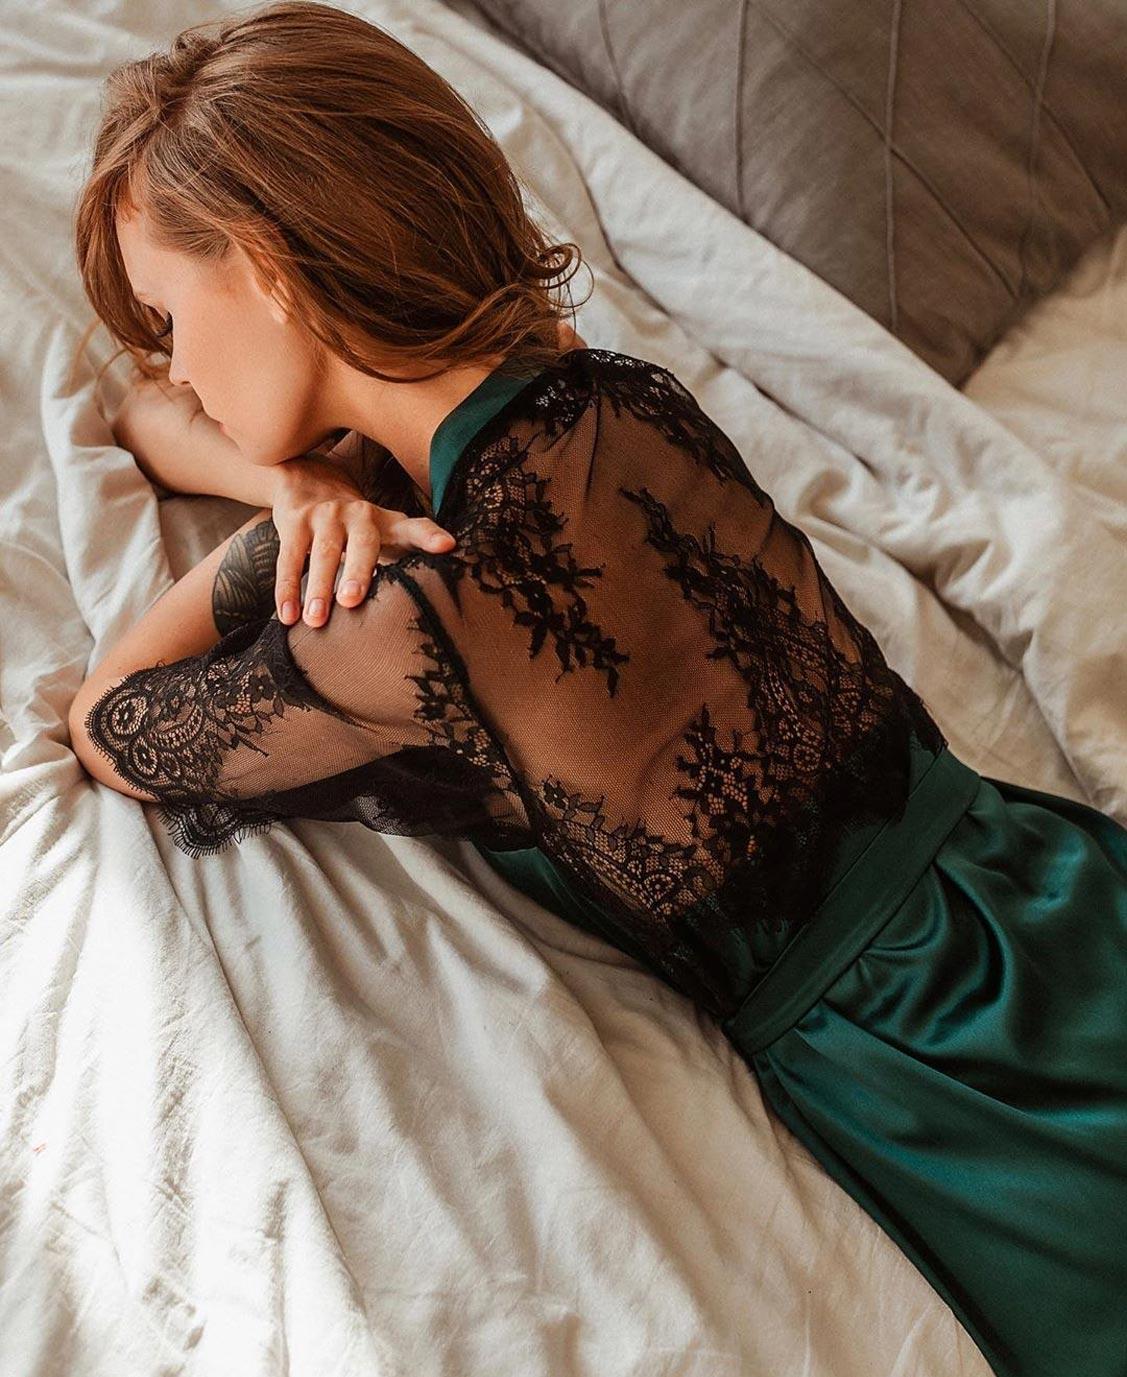 Анастасия Щеглова в нижнем белье торговой марки MissX / фото 43